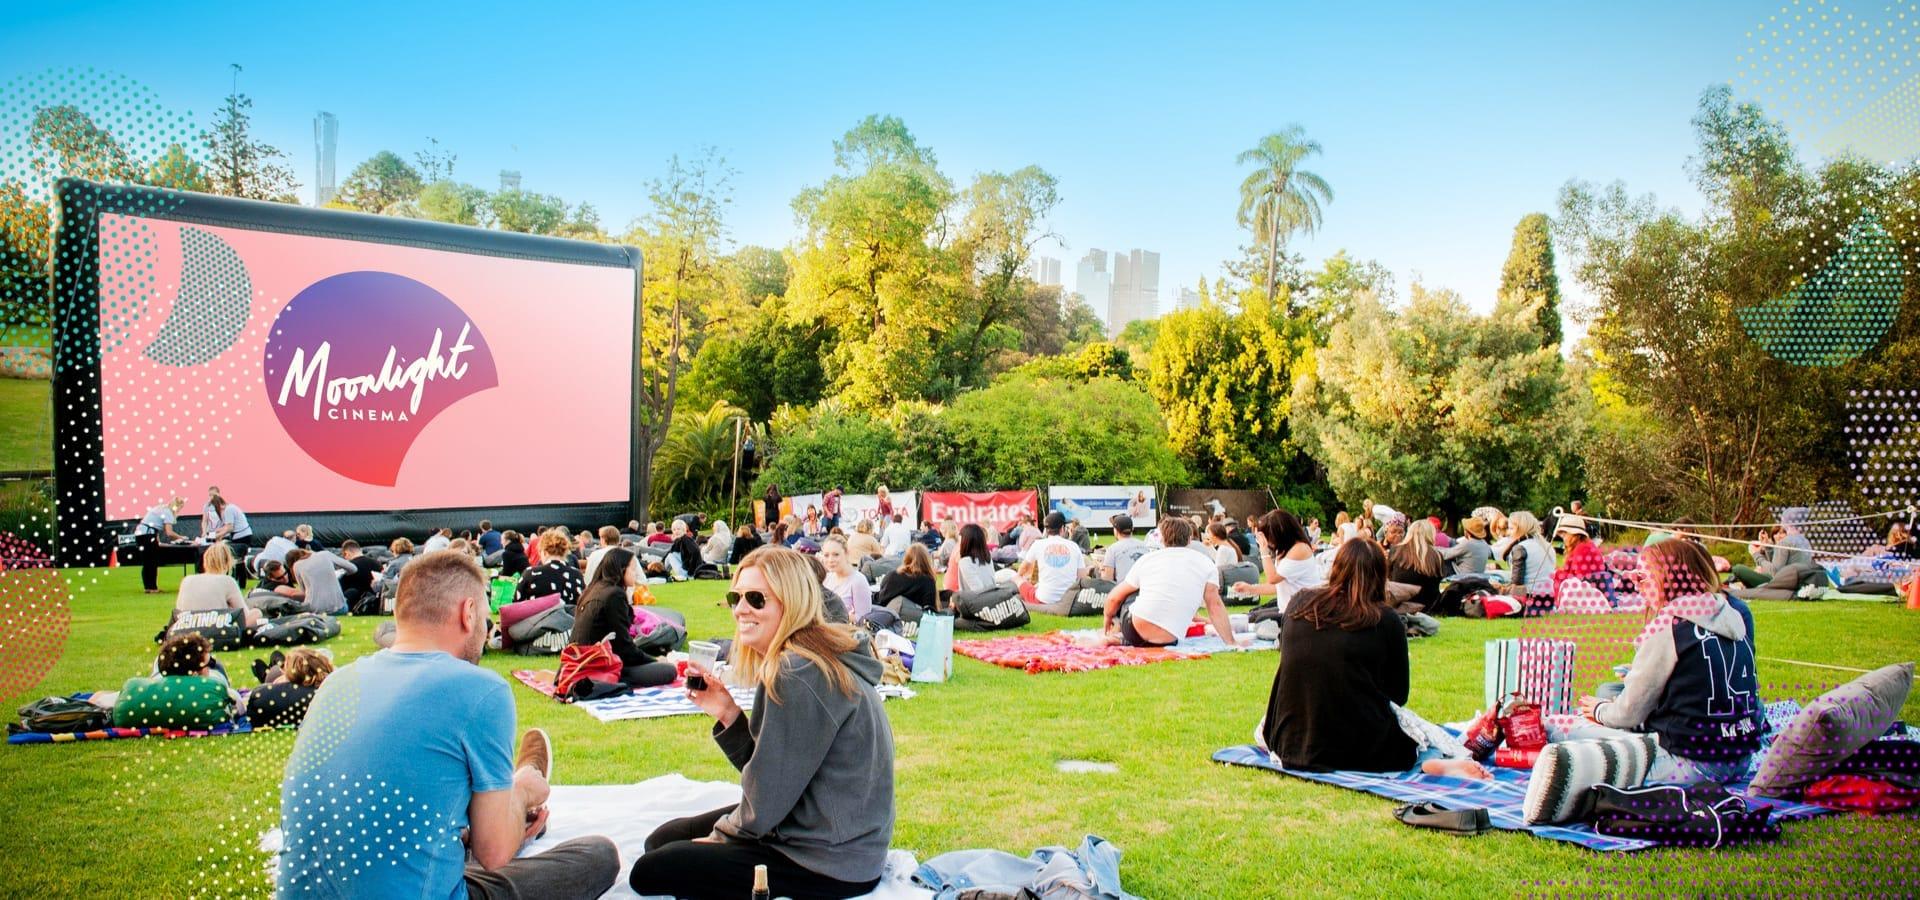 Moonlight Cinema - 9 rạp chiếu phim ngoài trời hot nhất Melbourne